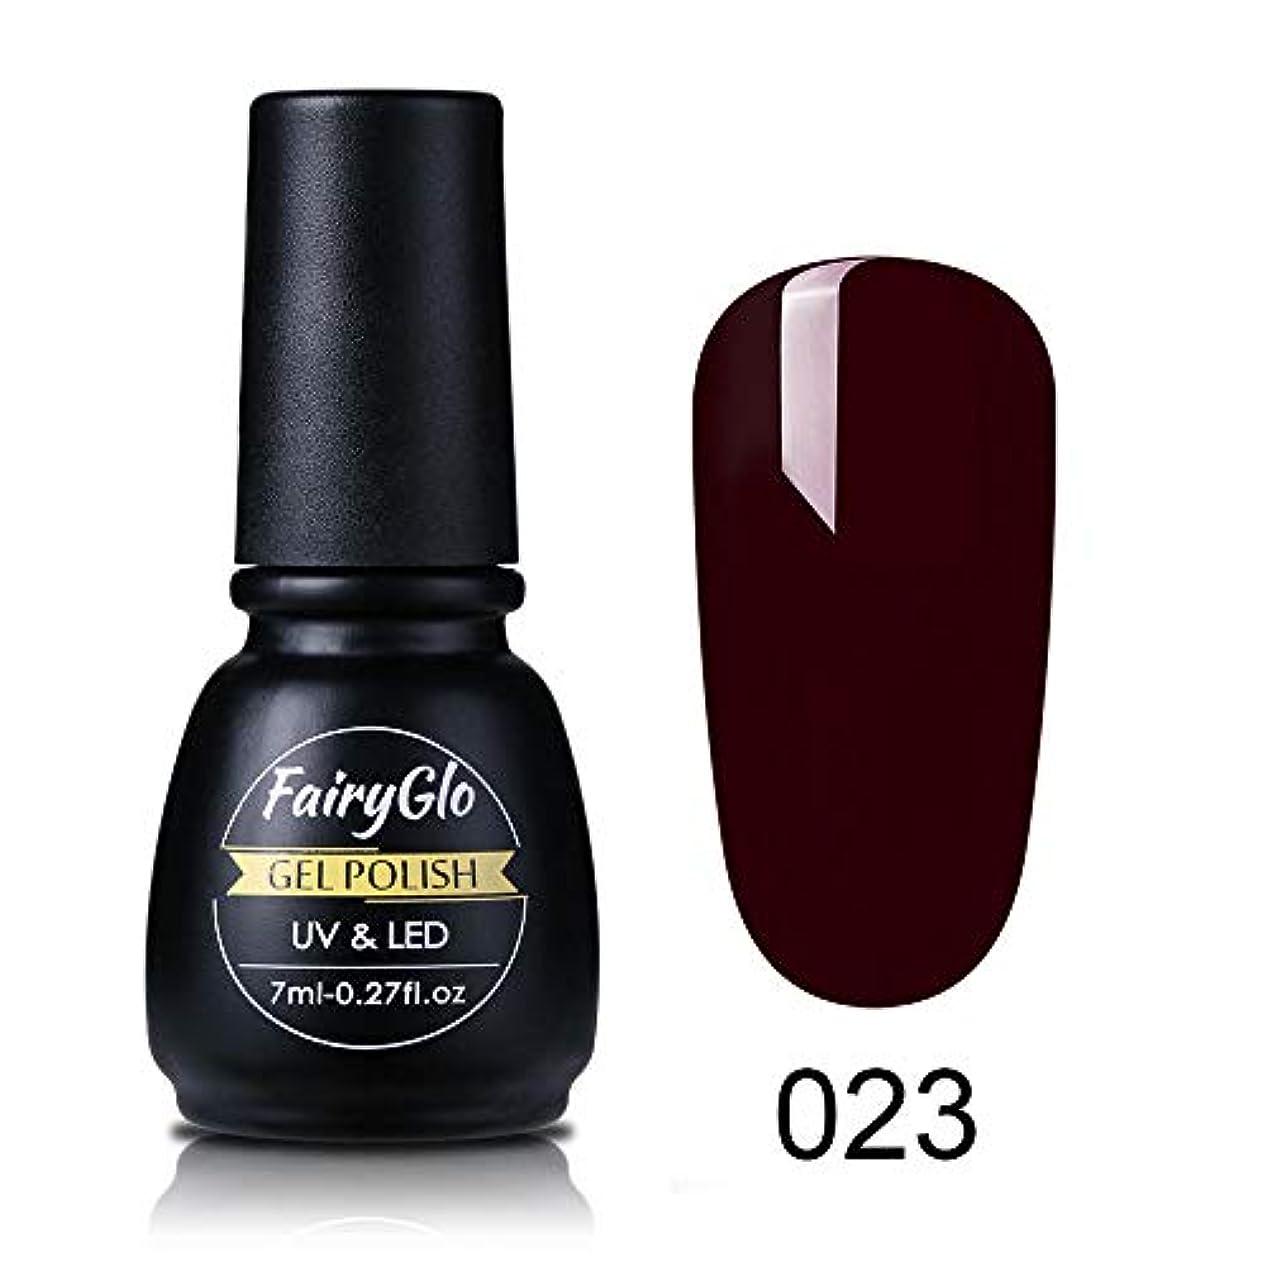 不安定な素晴らしきちょうつがいFairyglo ジェルネイル カラージェル 超長い蓋 塗りが便利 1色入り 7ml 【全42色選択可】